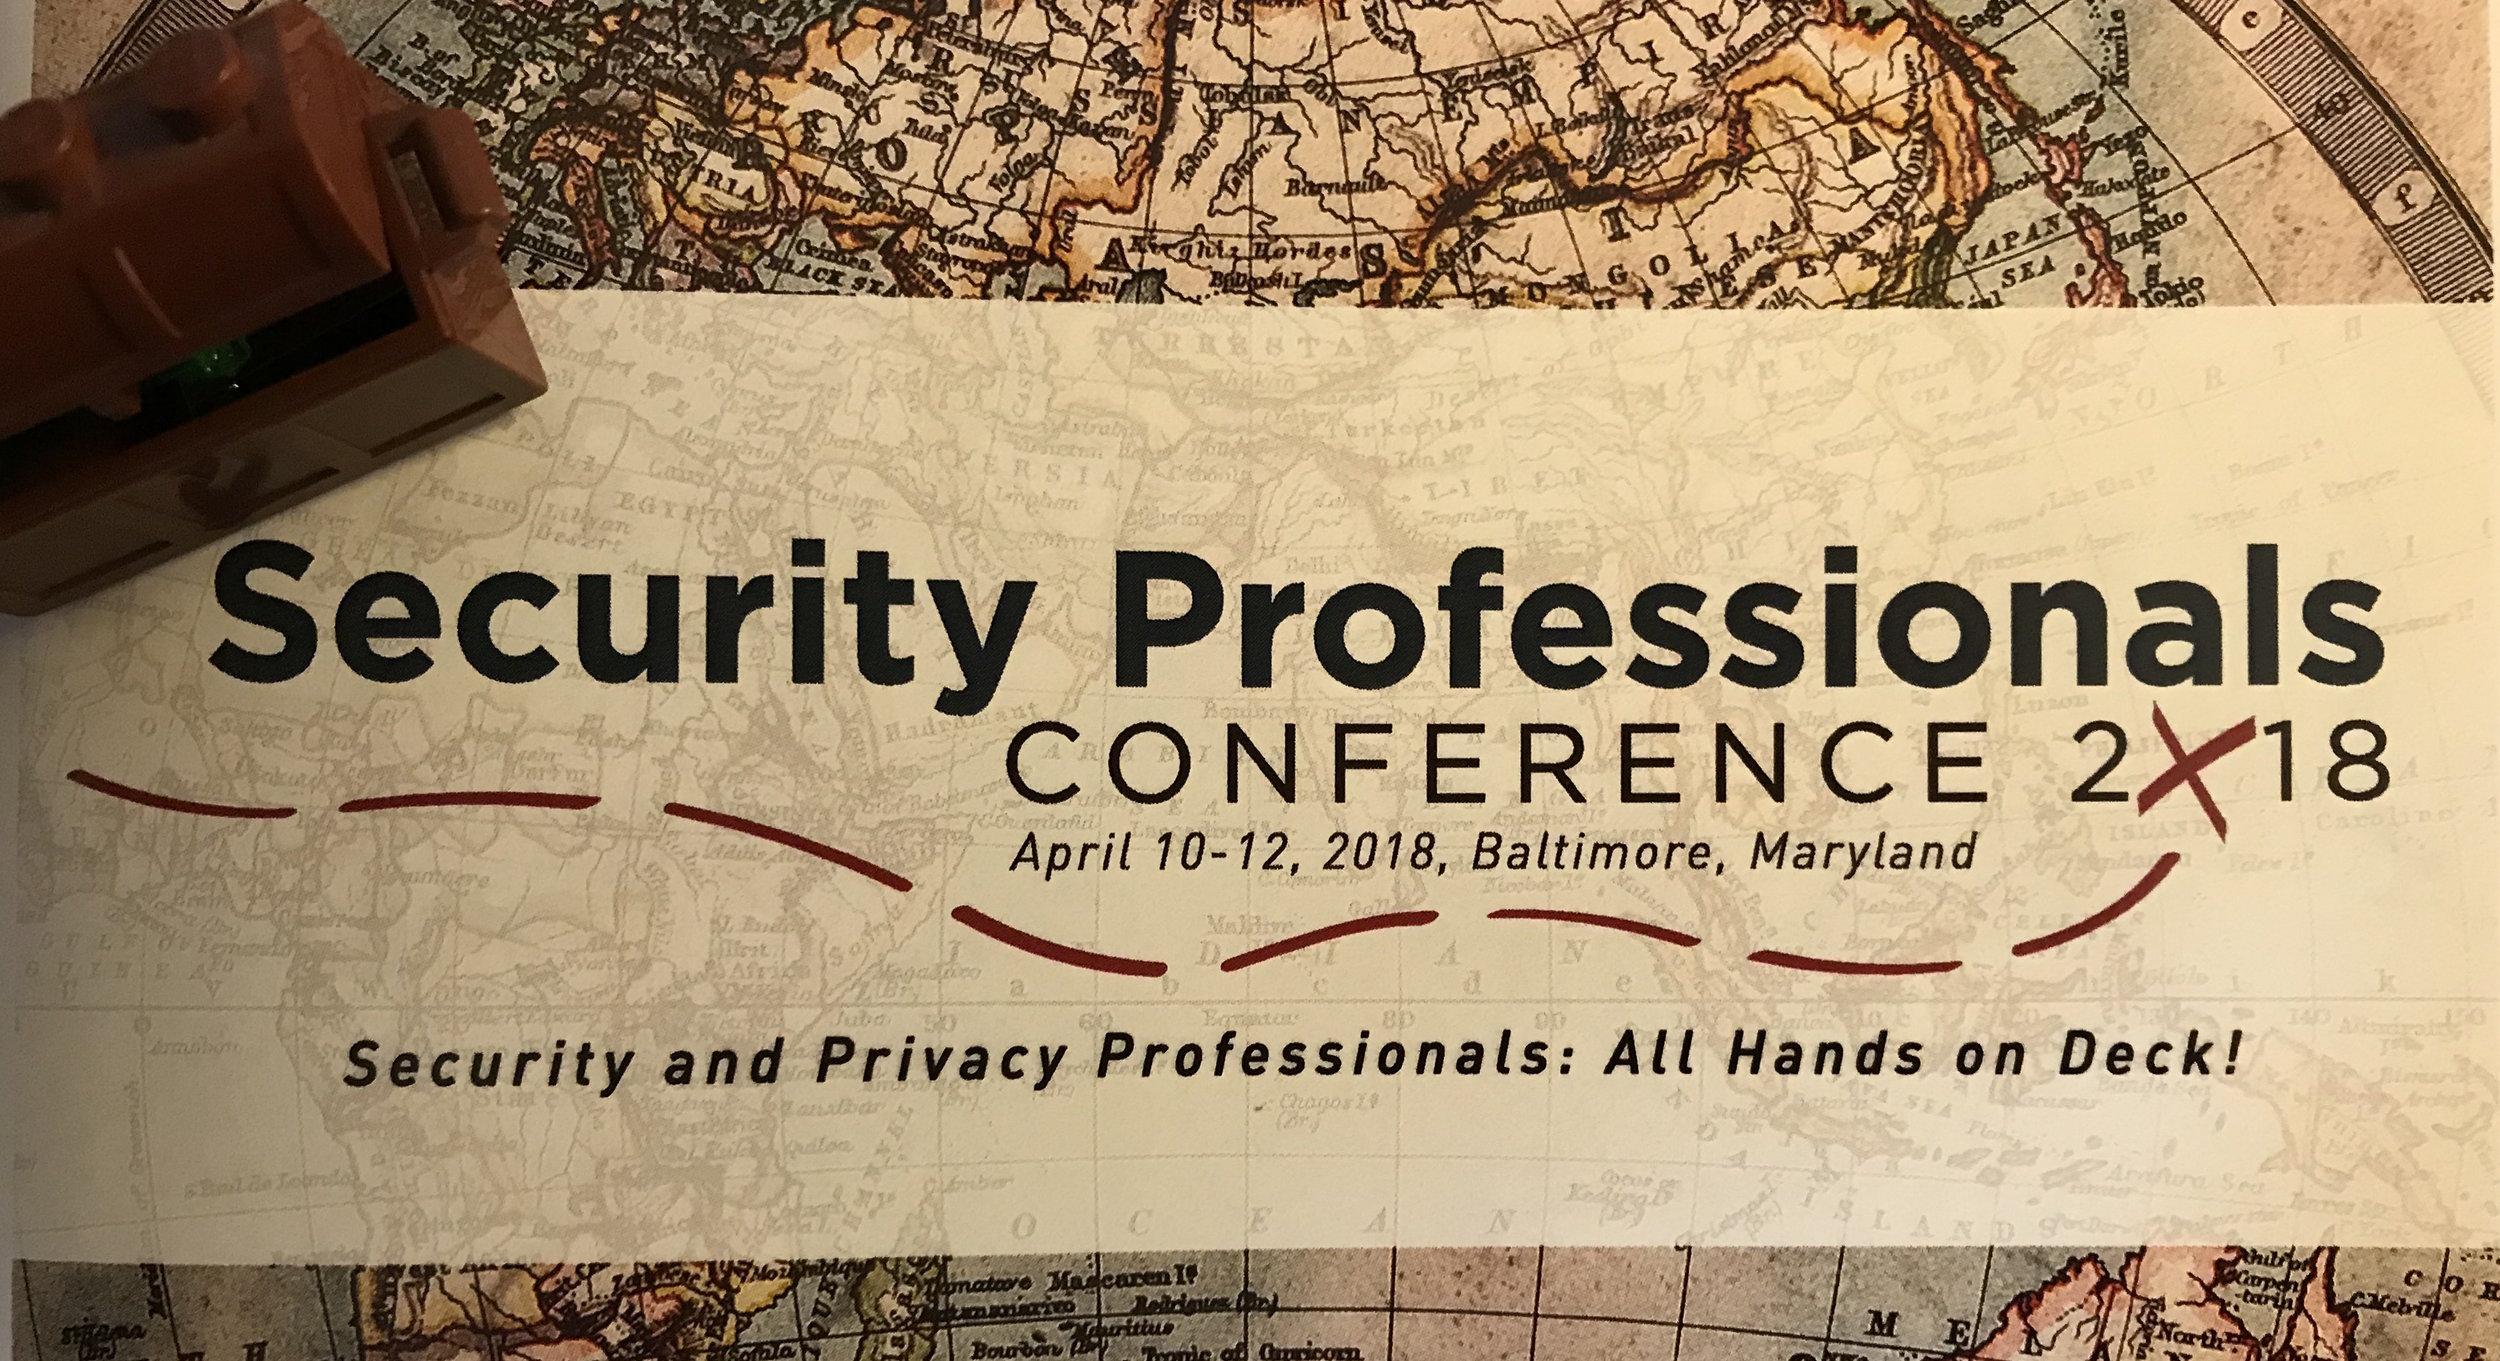 educause-security-booklet-2018.jpg